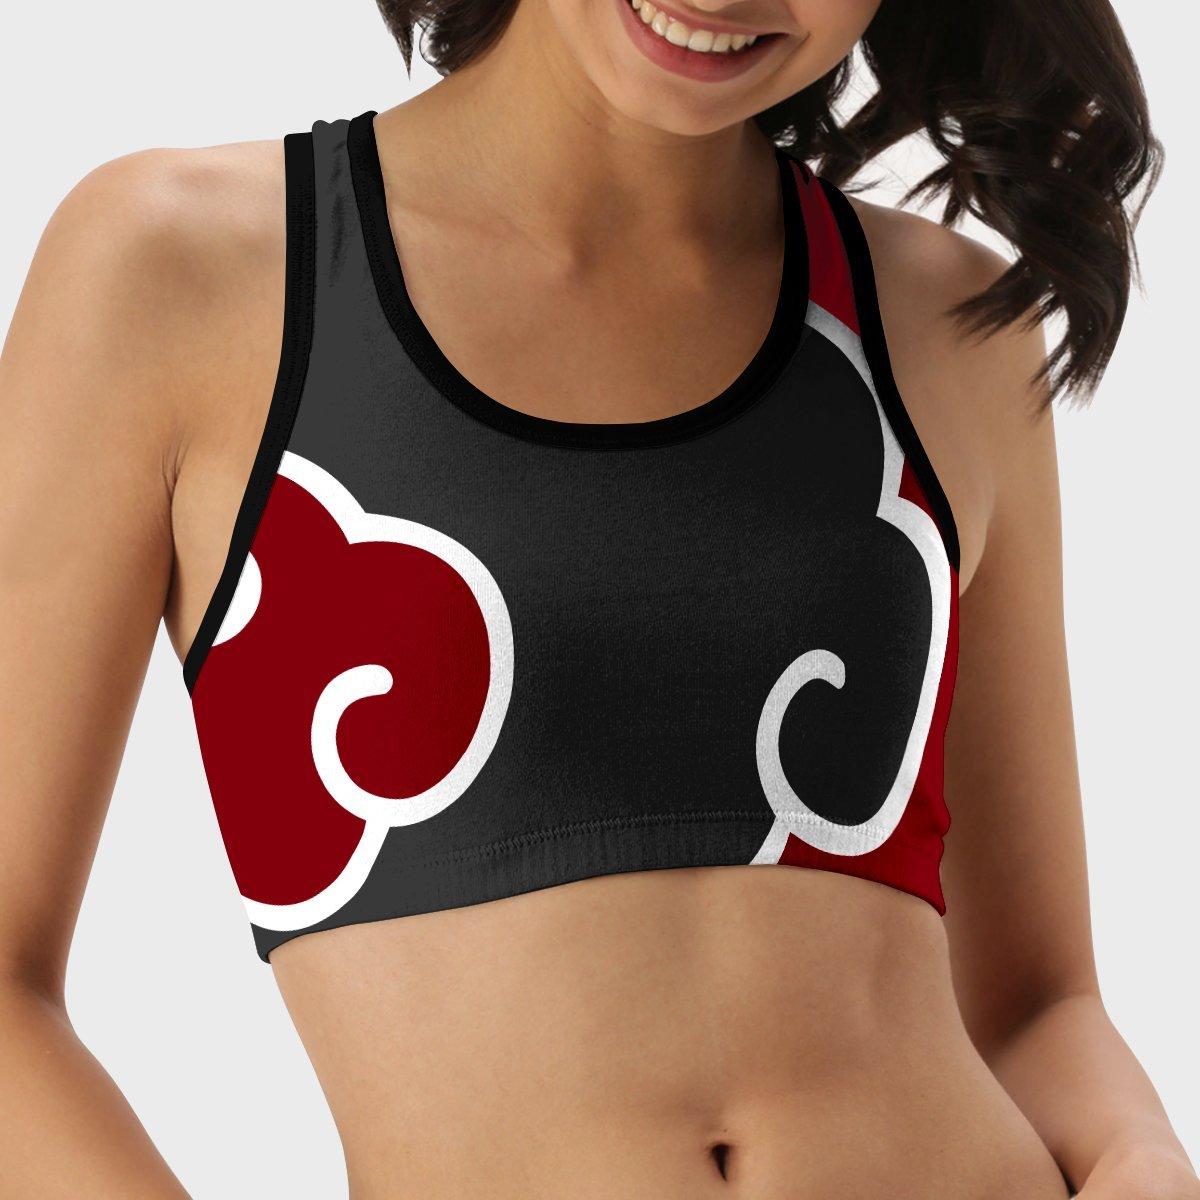 akatsuki summer active wear set 292840 - Anime Swimsuits